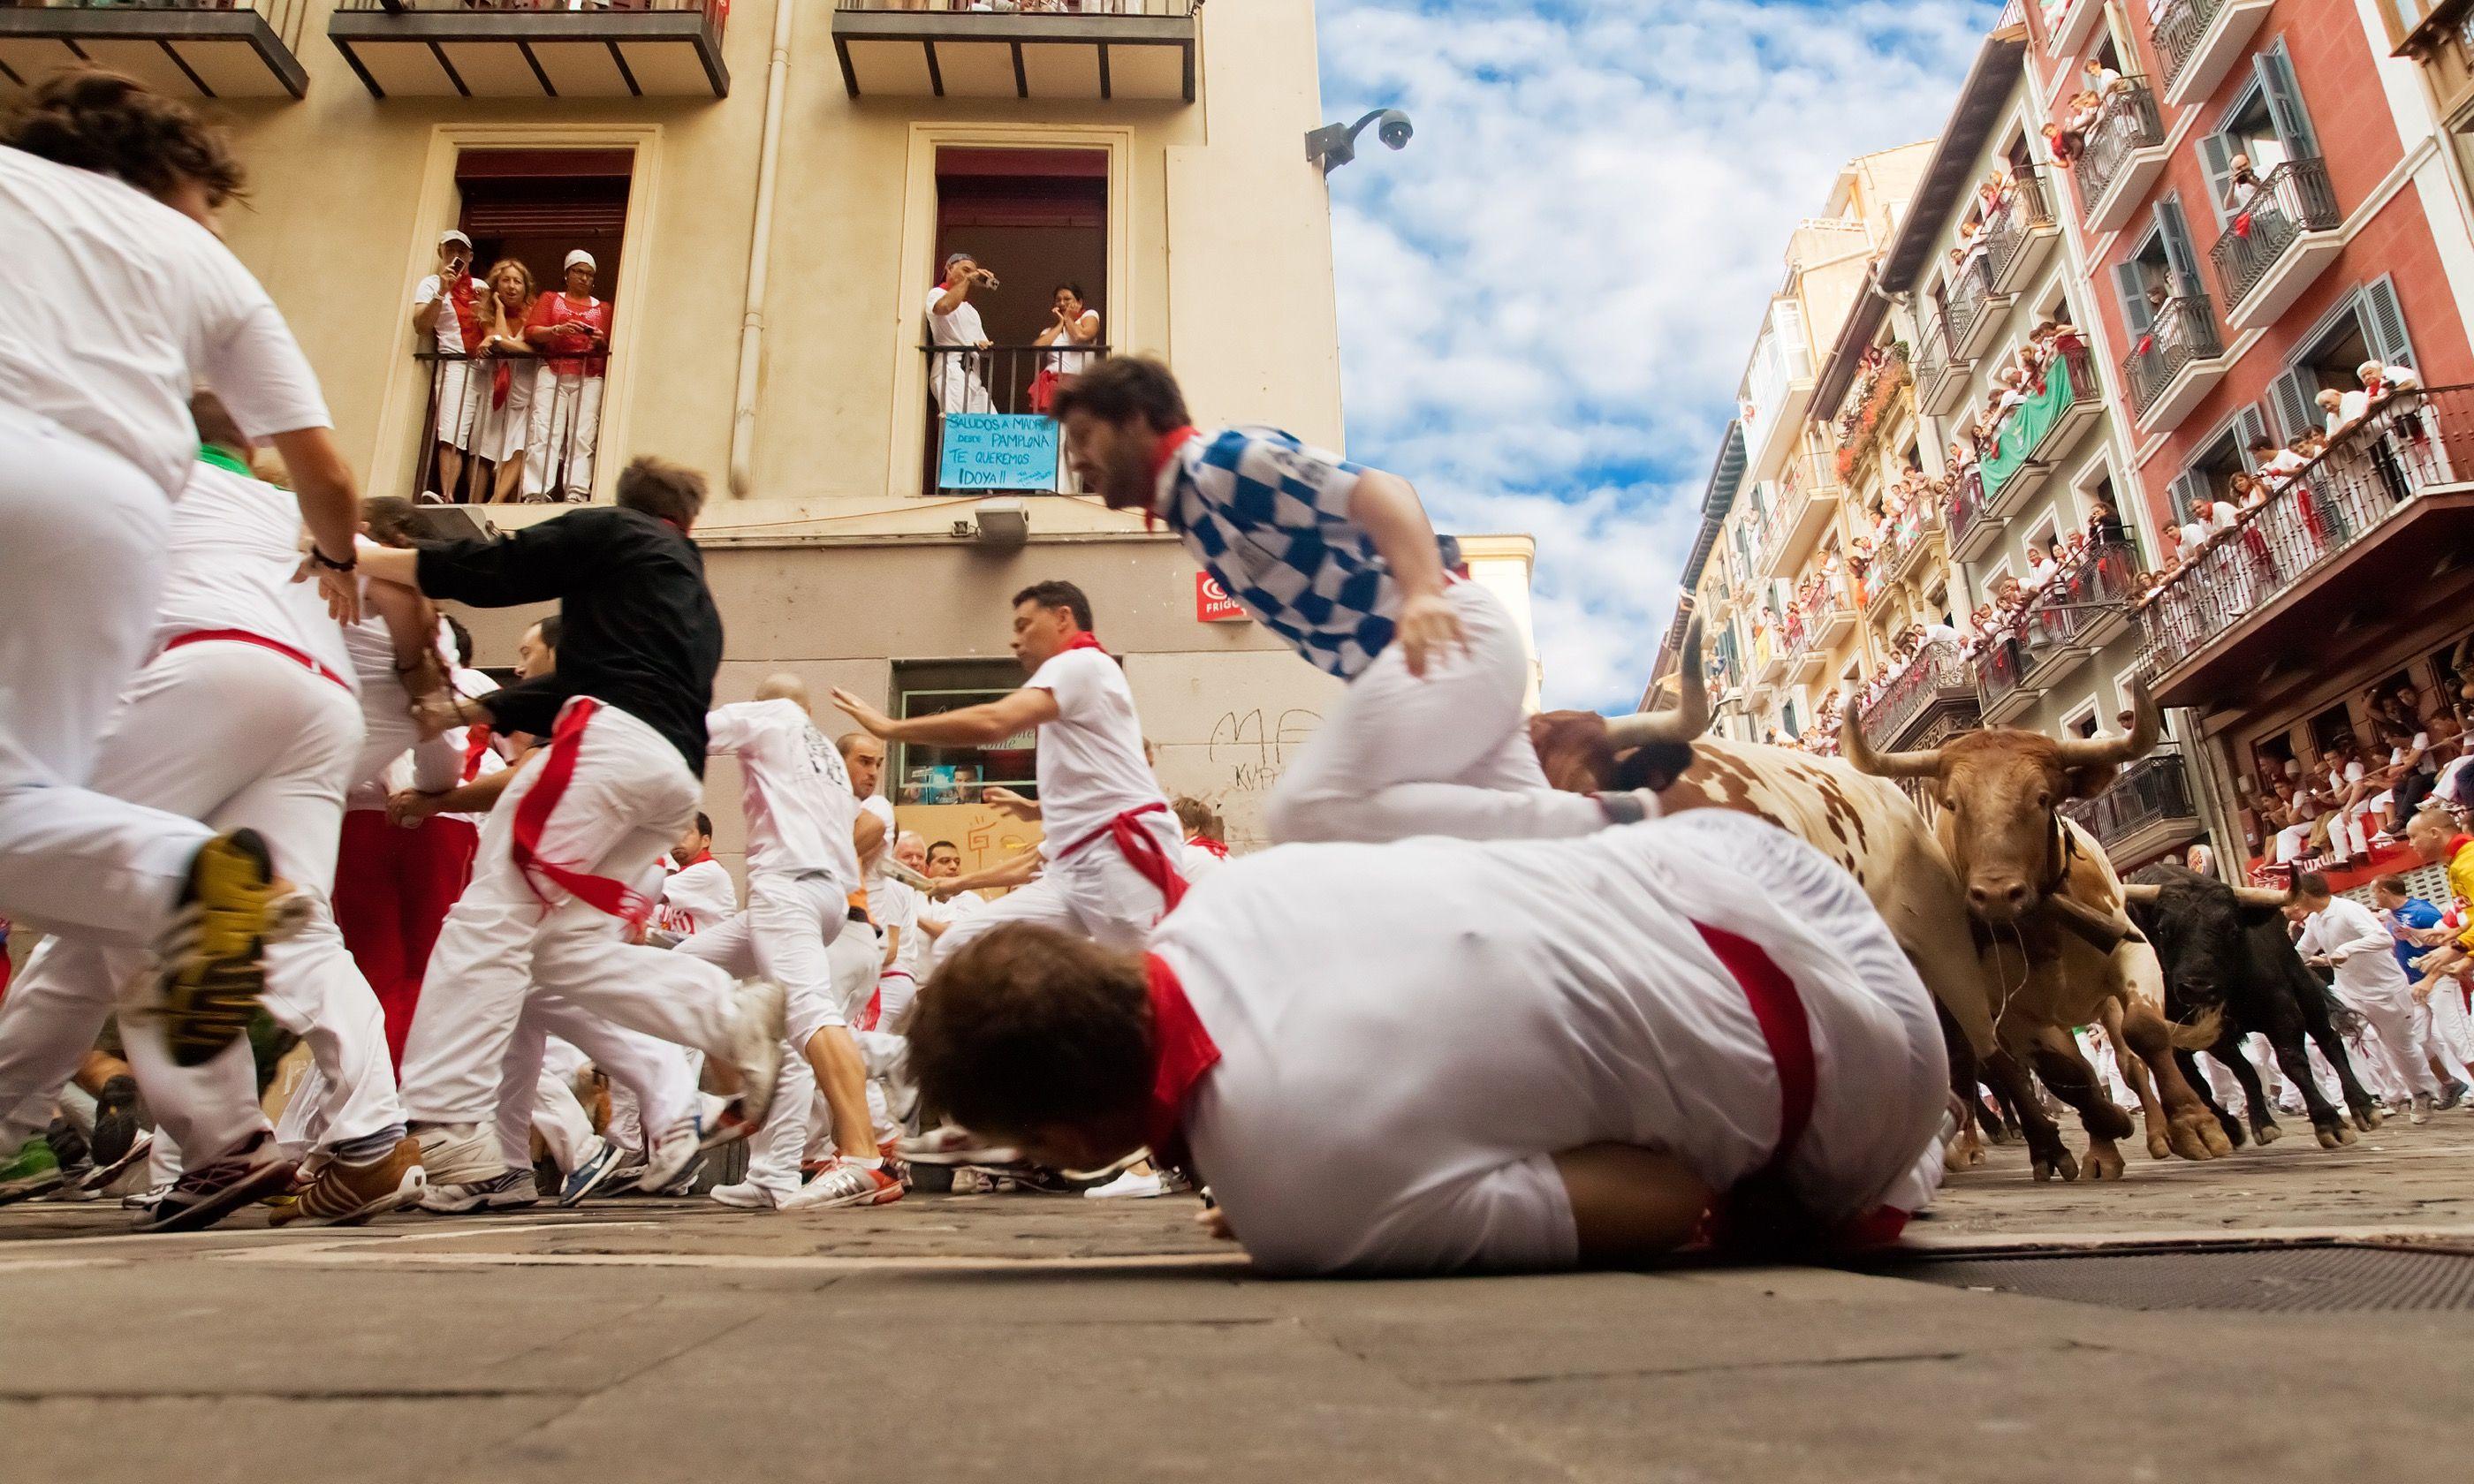 A runner falls in Pamplona (Shutterstock.com)